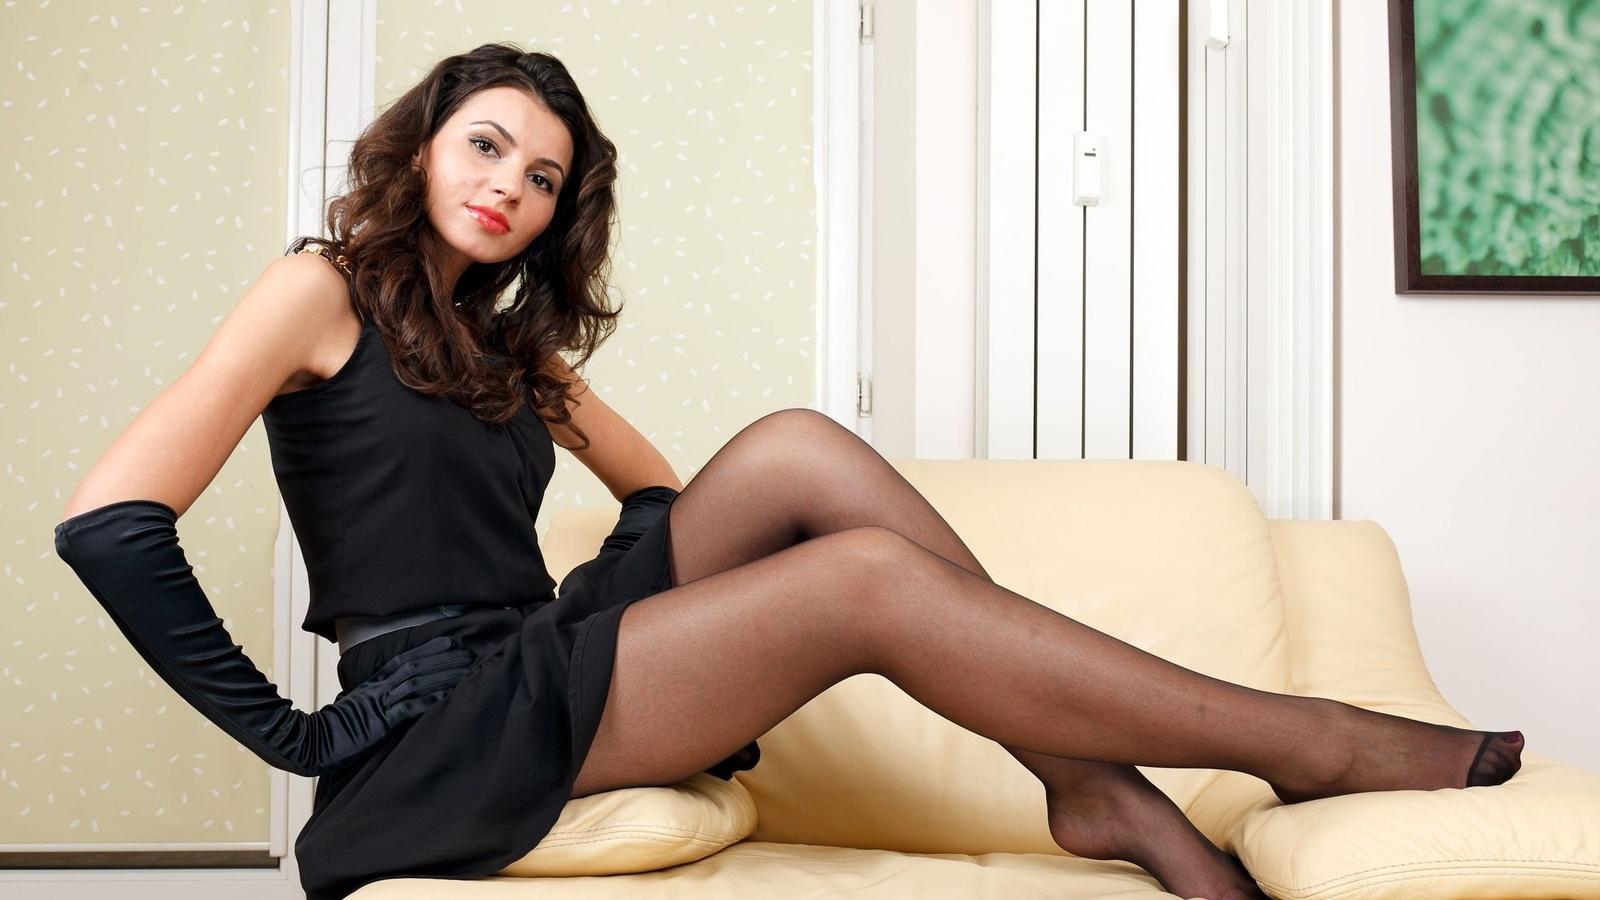 брюнетки любят, красивые ножки девушек смотреть слайды добрая своей натуре